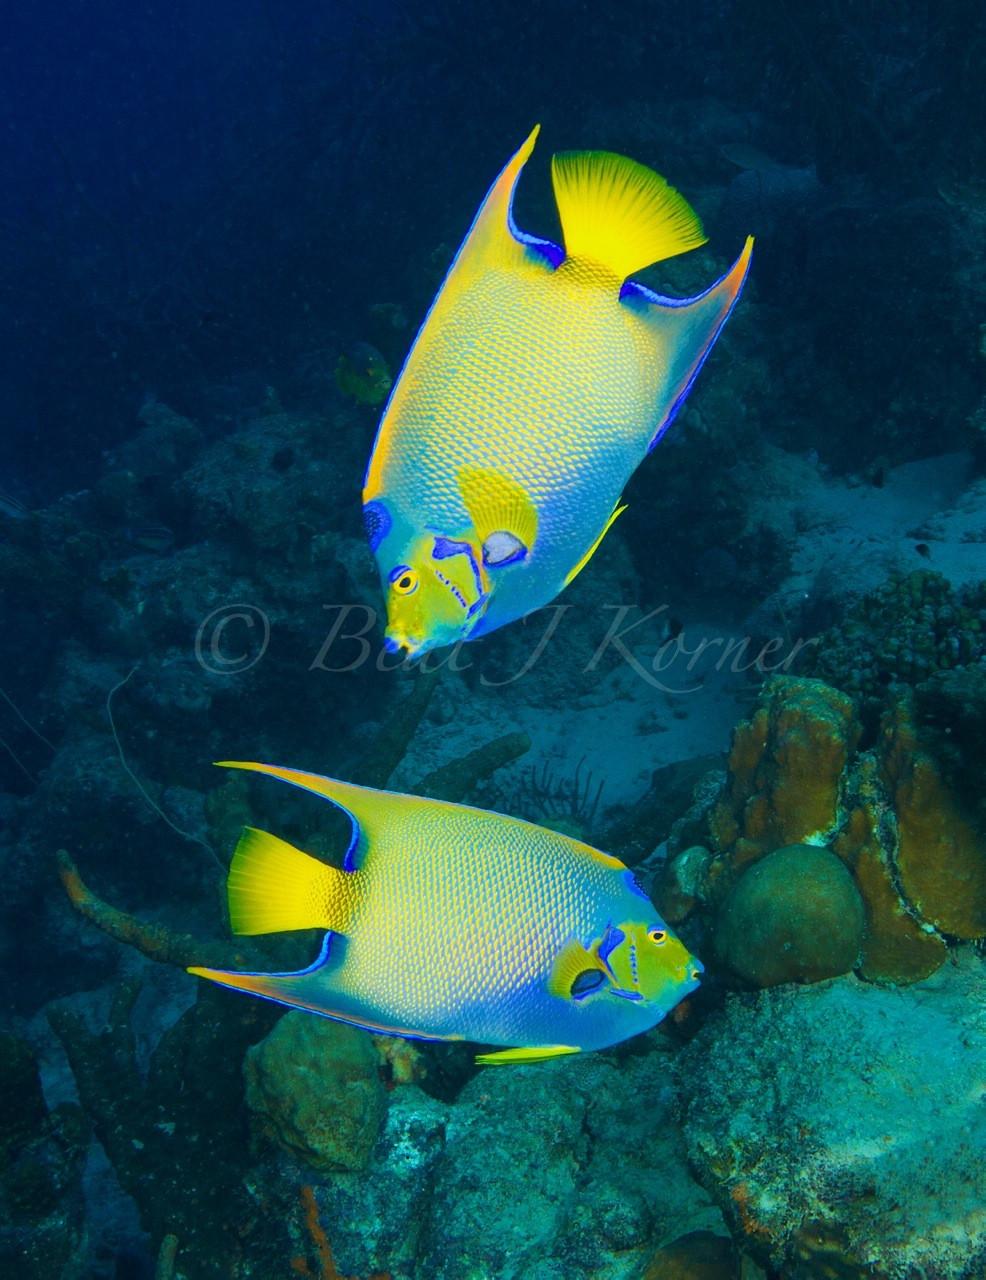 Queen Angelfish are often seen around Bonaire.